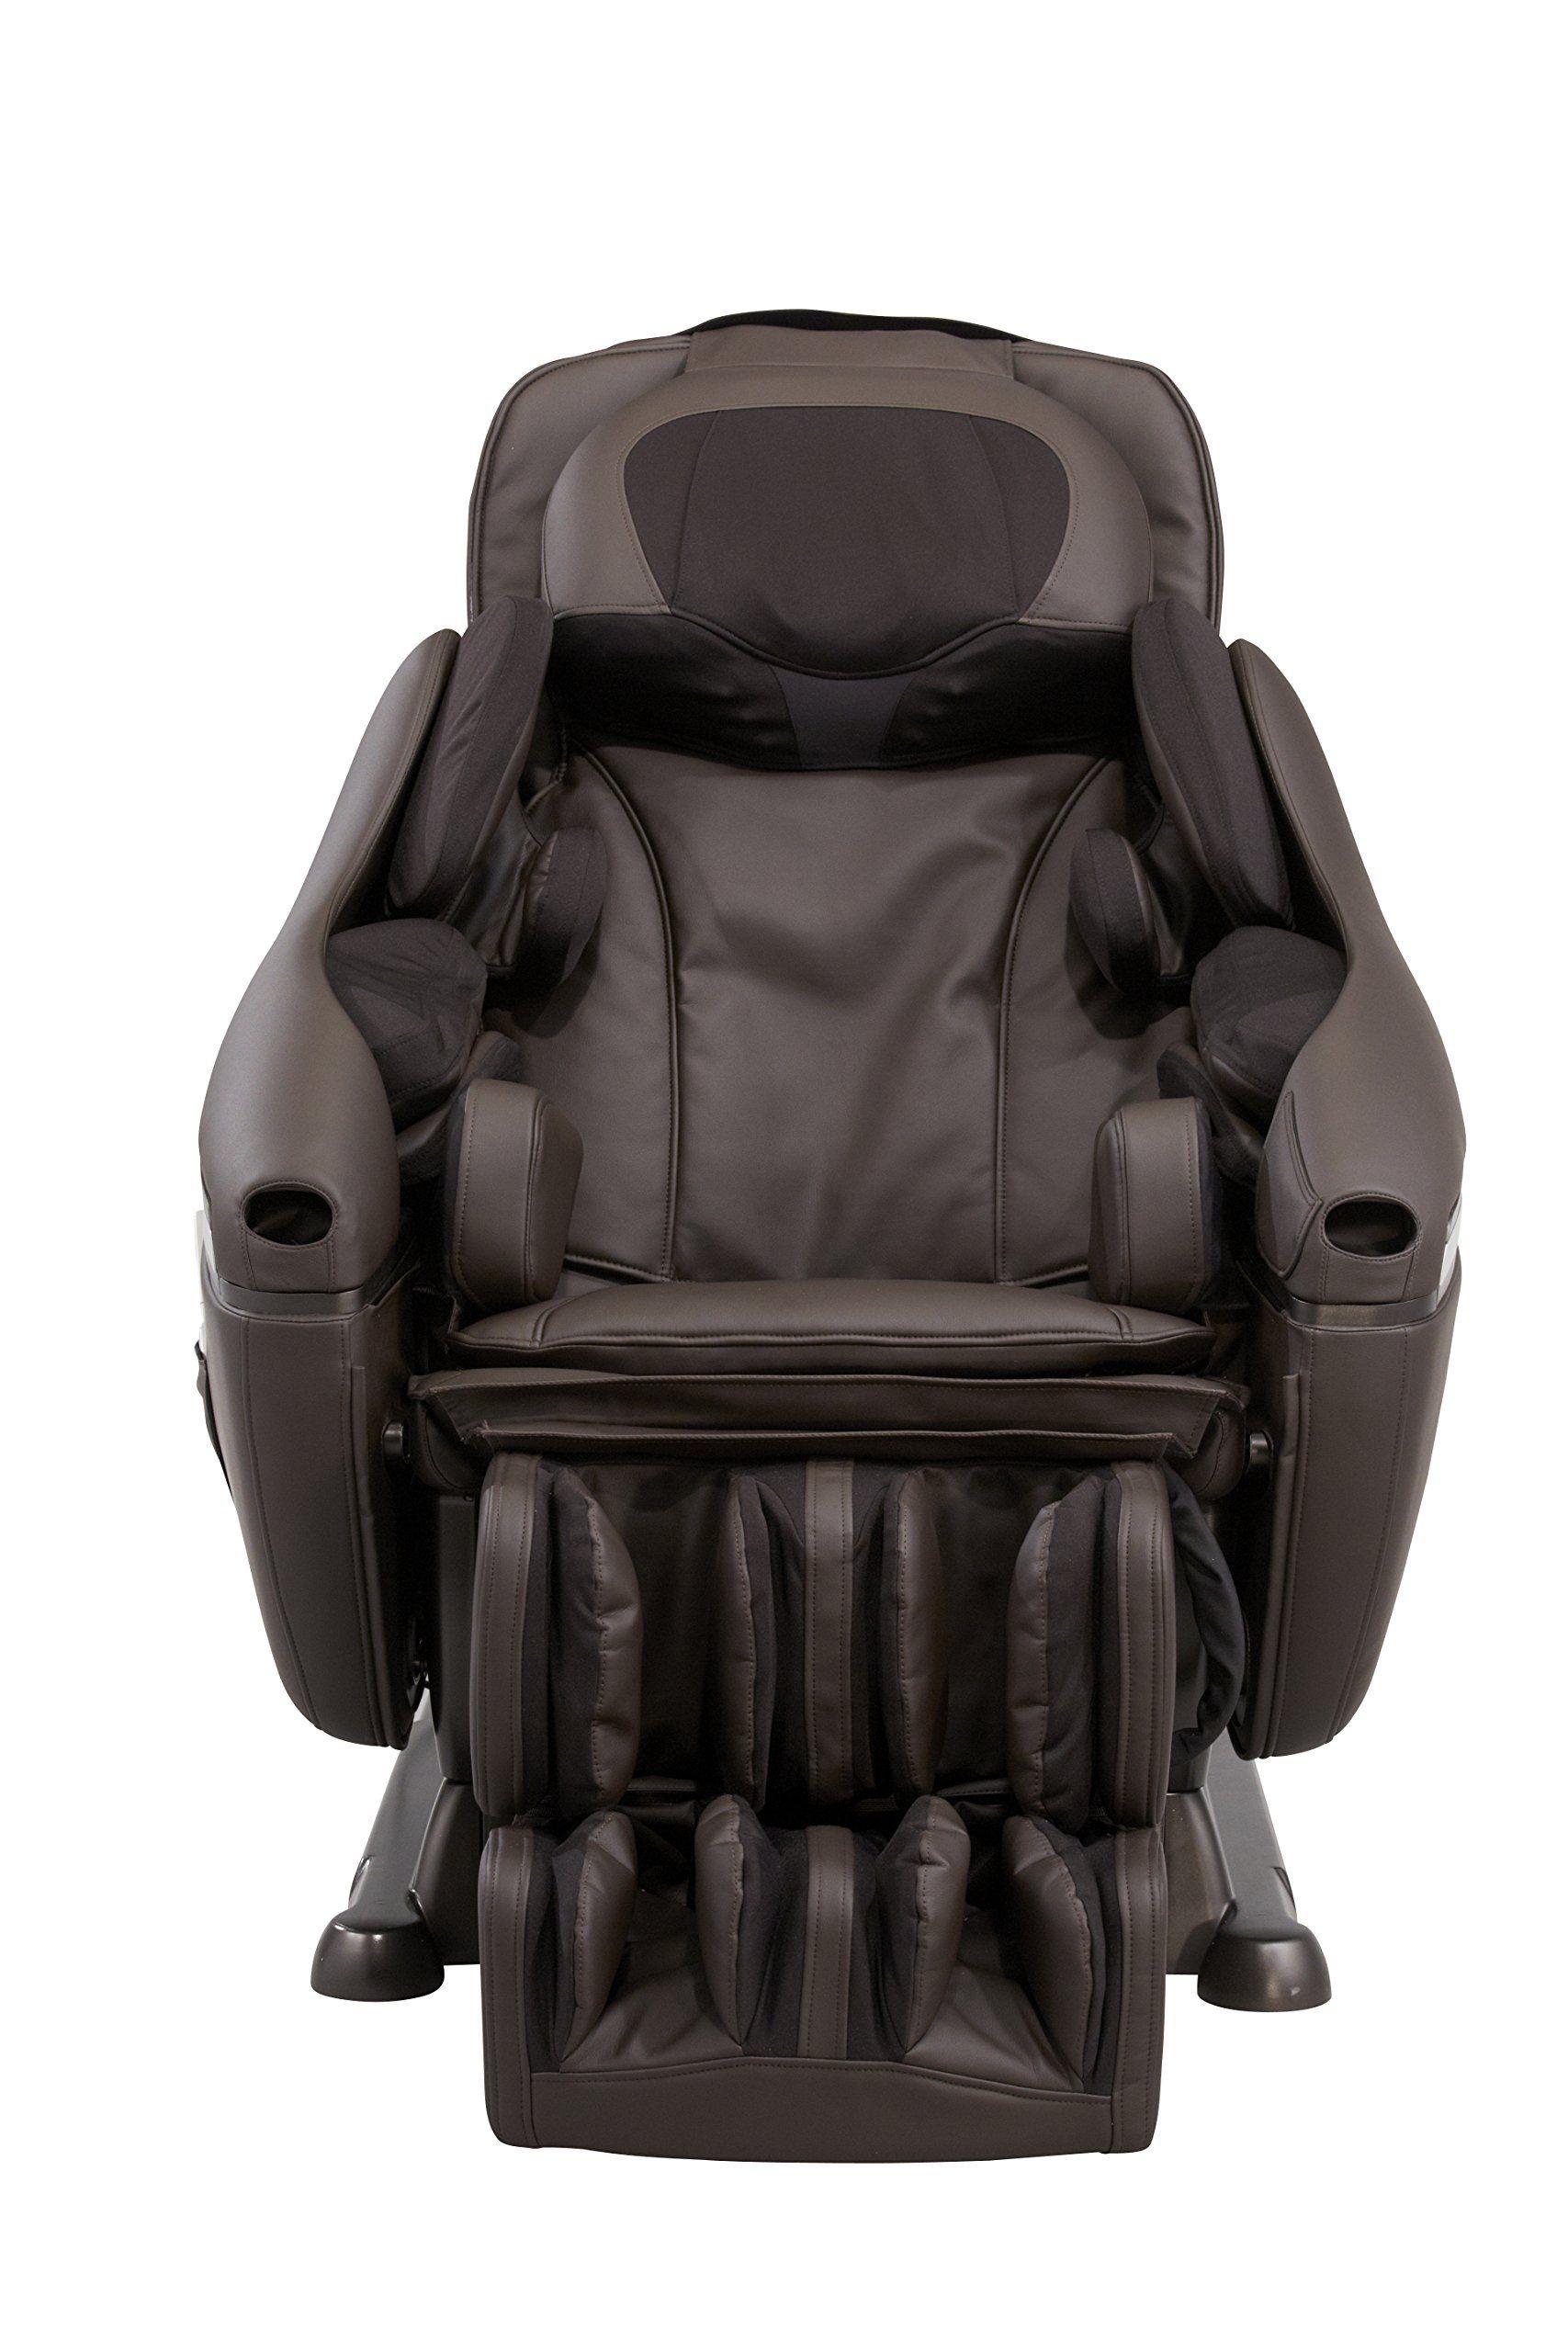 INADA DreamWave Massage Chair Dark Brown ** To view